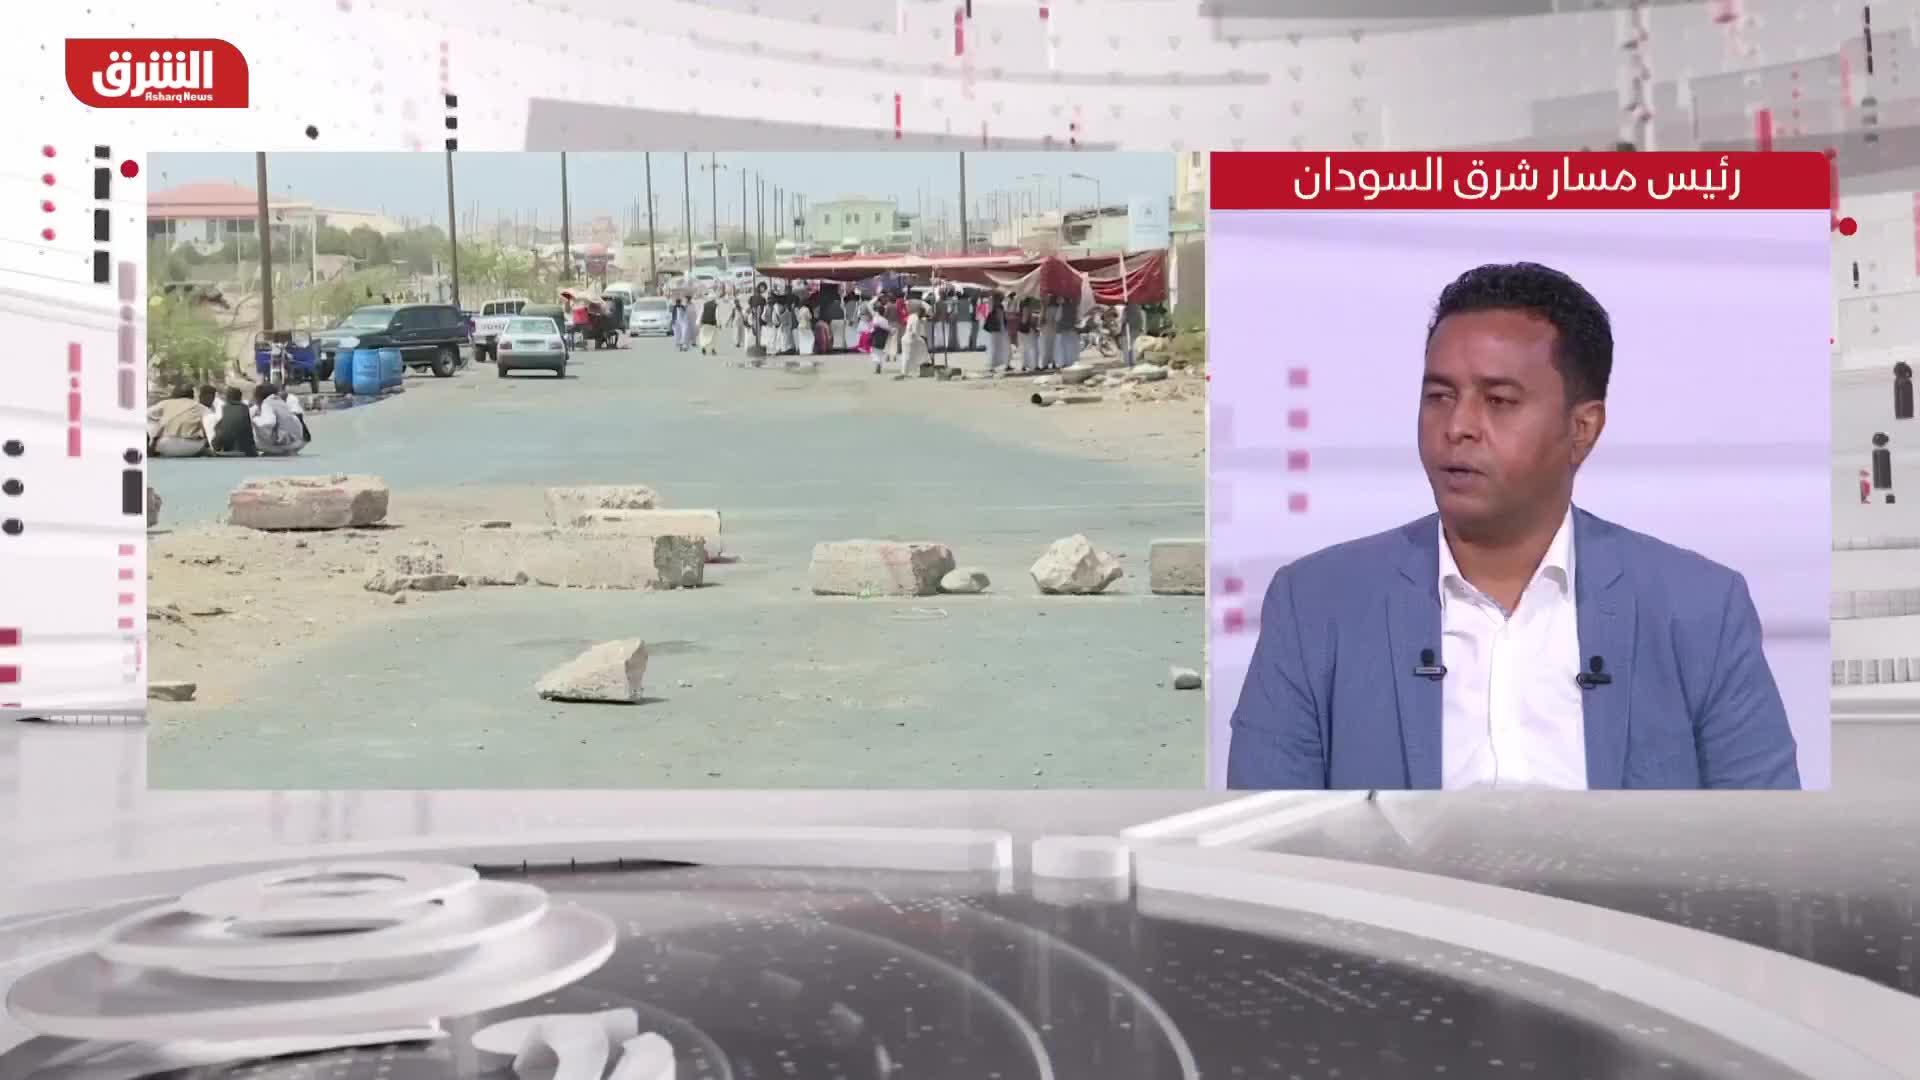 السودان.. انقسام شعبي بين أنصار العسكريين والمدنيين